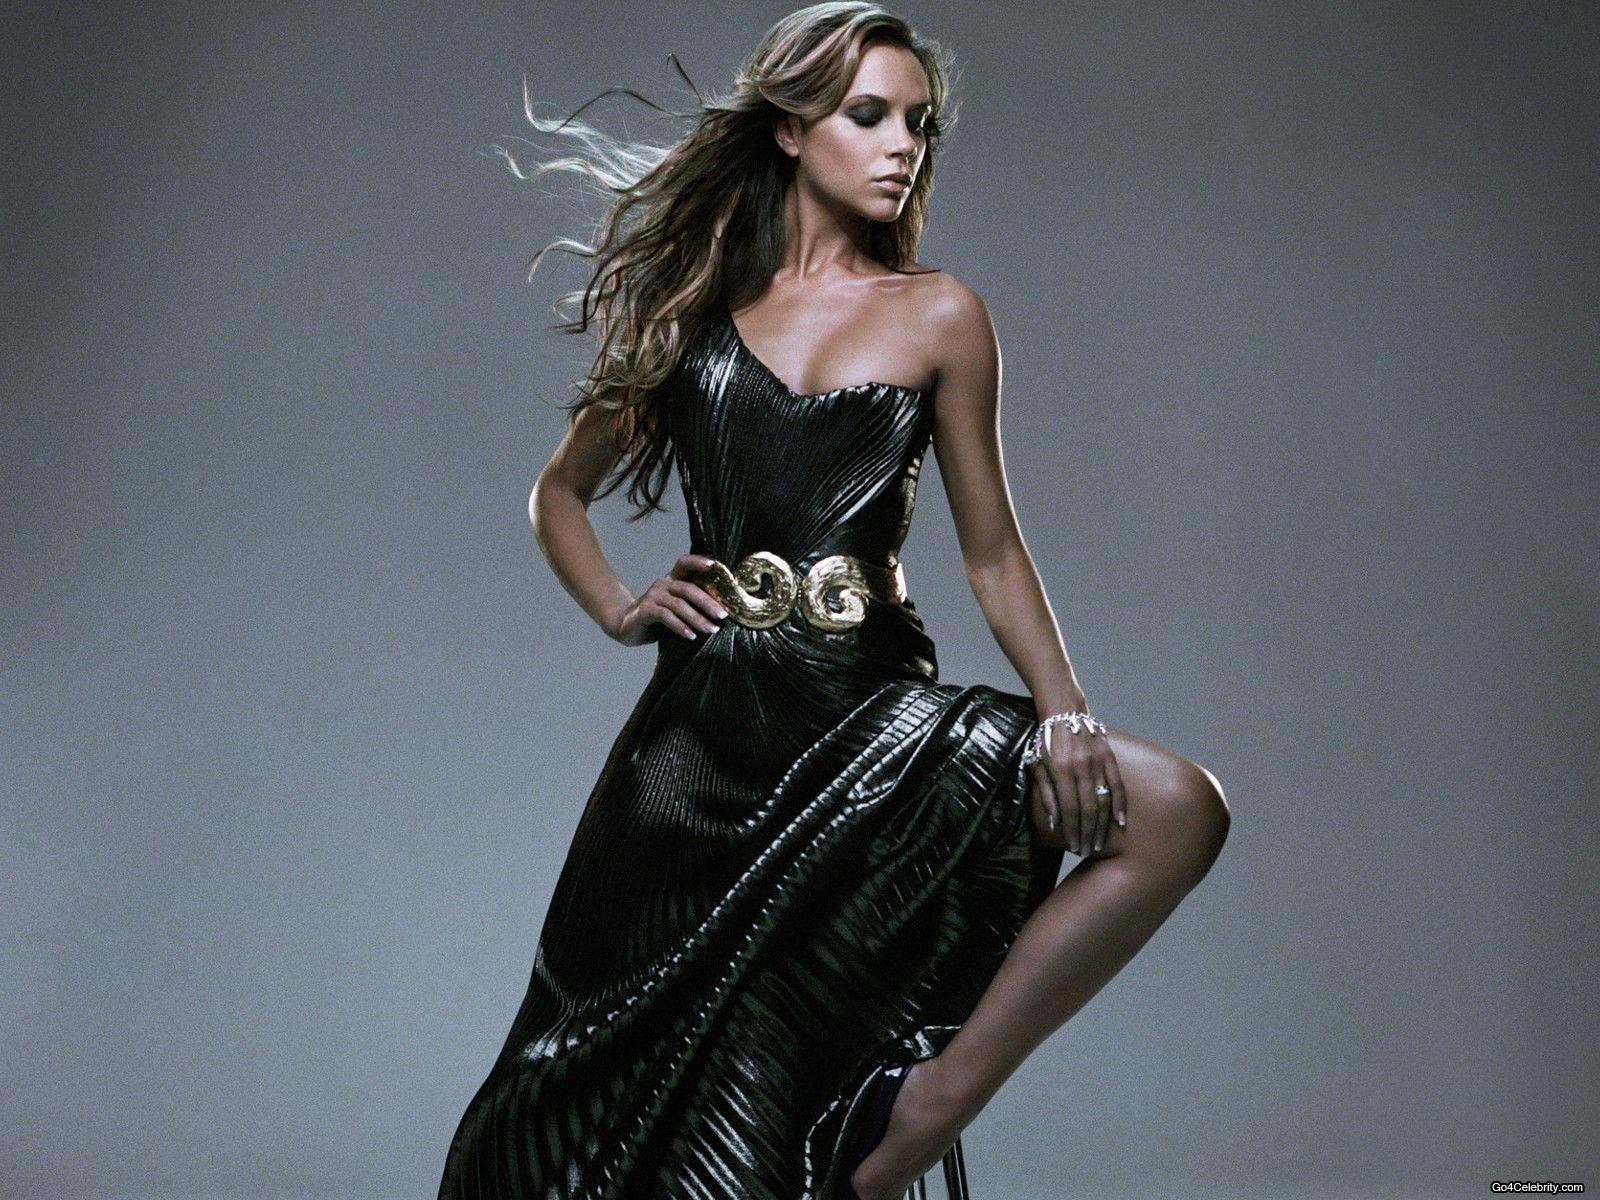 http://2.bp.blogspot.com/-6hATpQTI08o/TZhiADOL2ZI/AAAAAAAAAHI/vXV84Cx37uU/s1600/cute-victoria-beckham.jpg